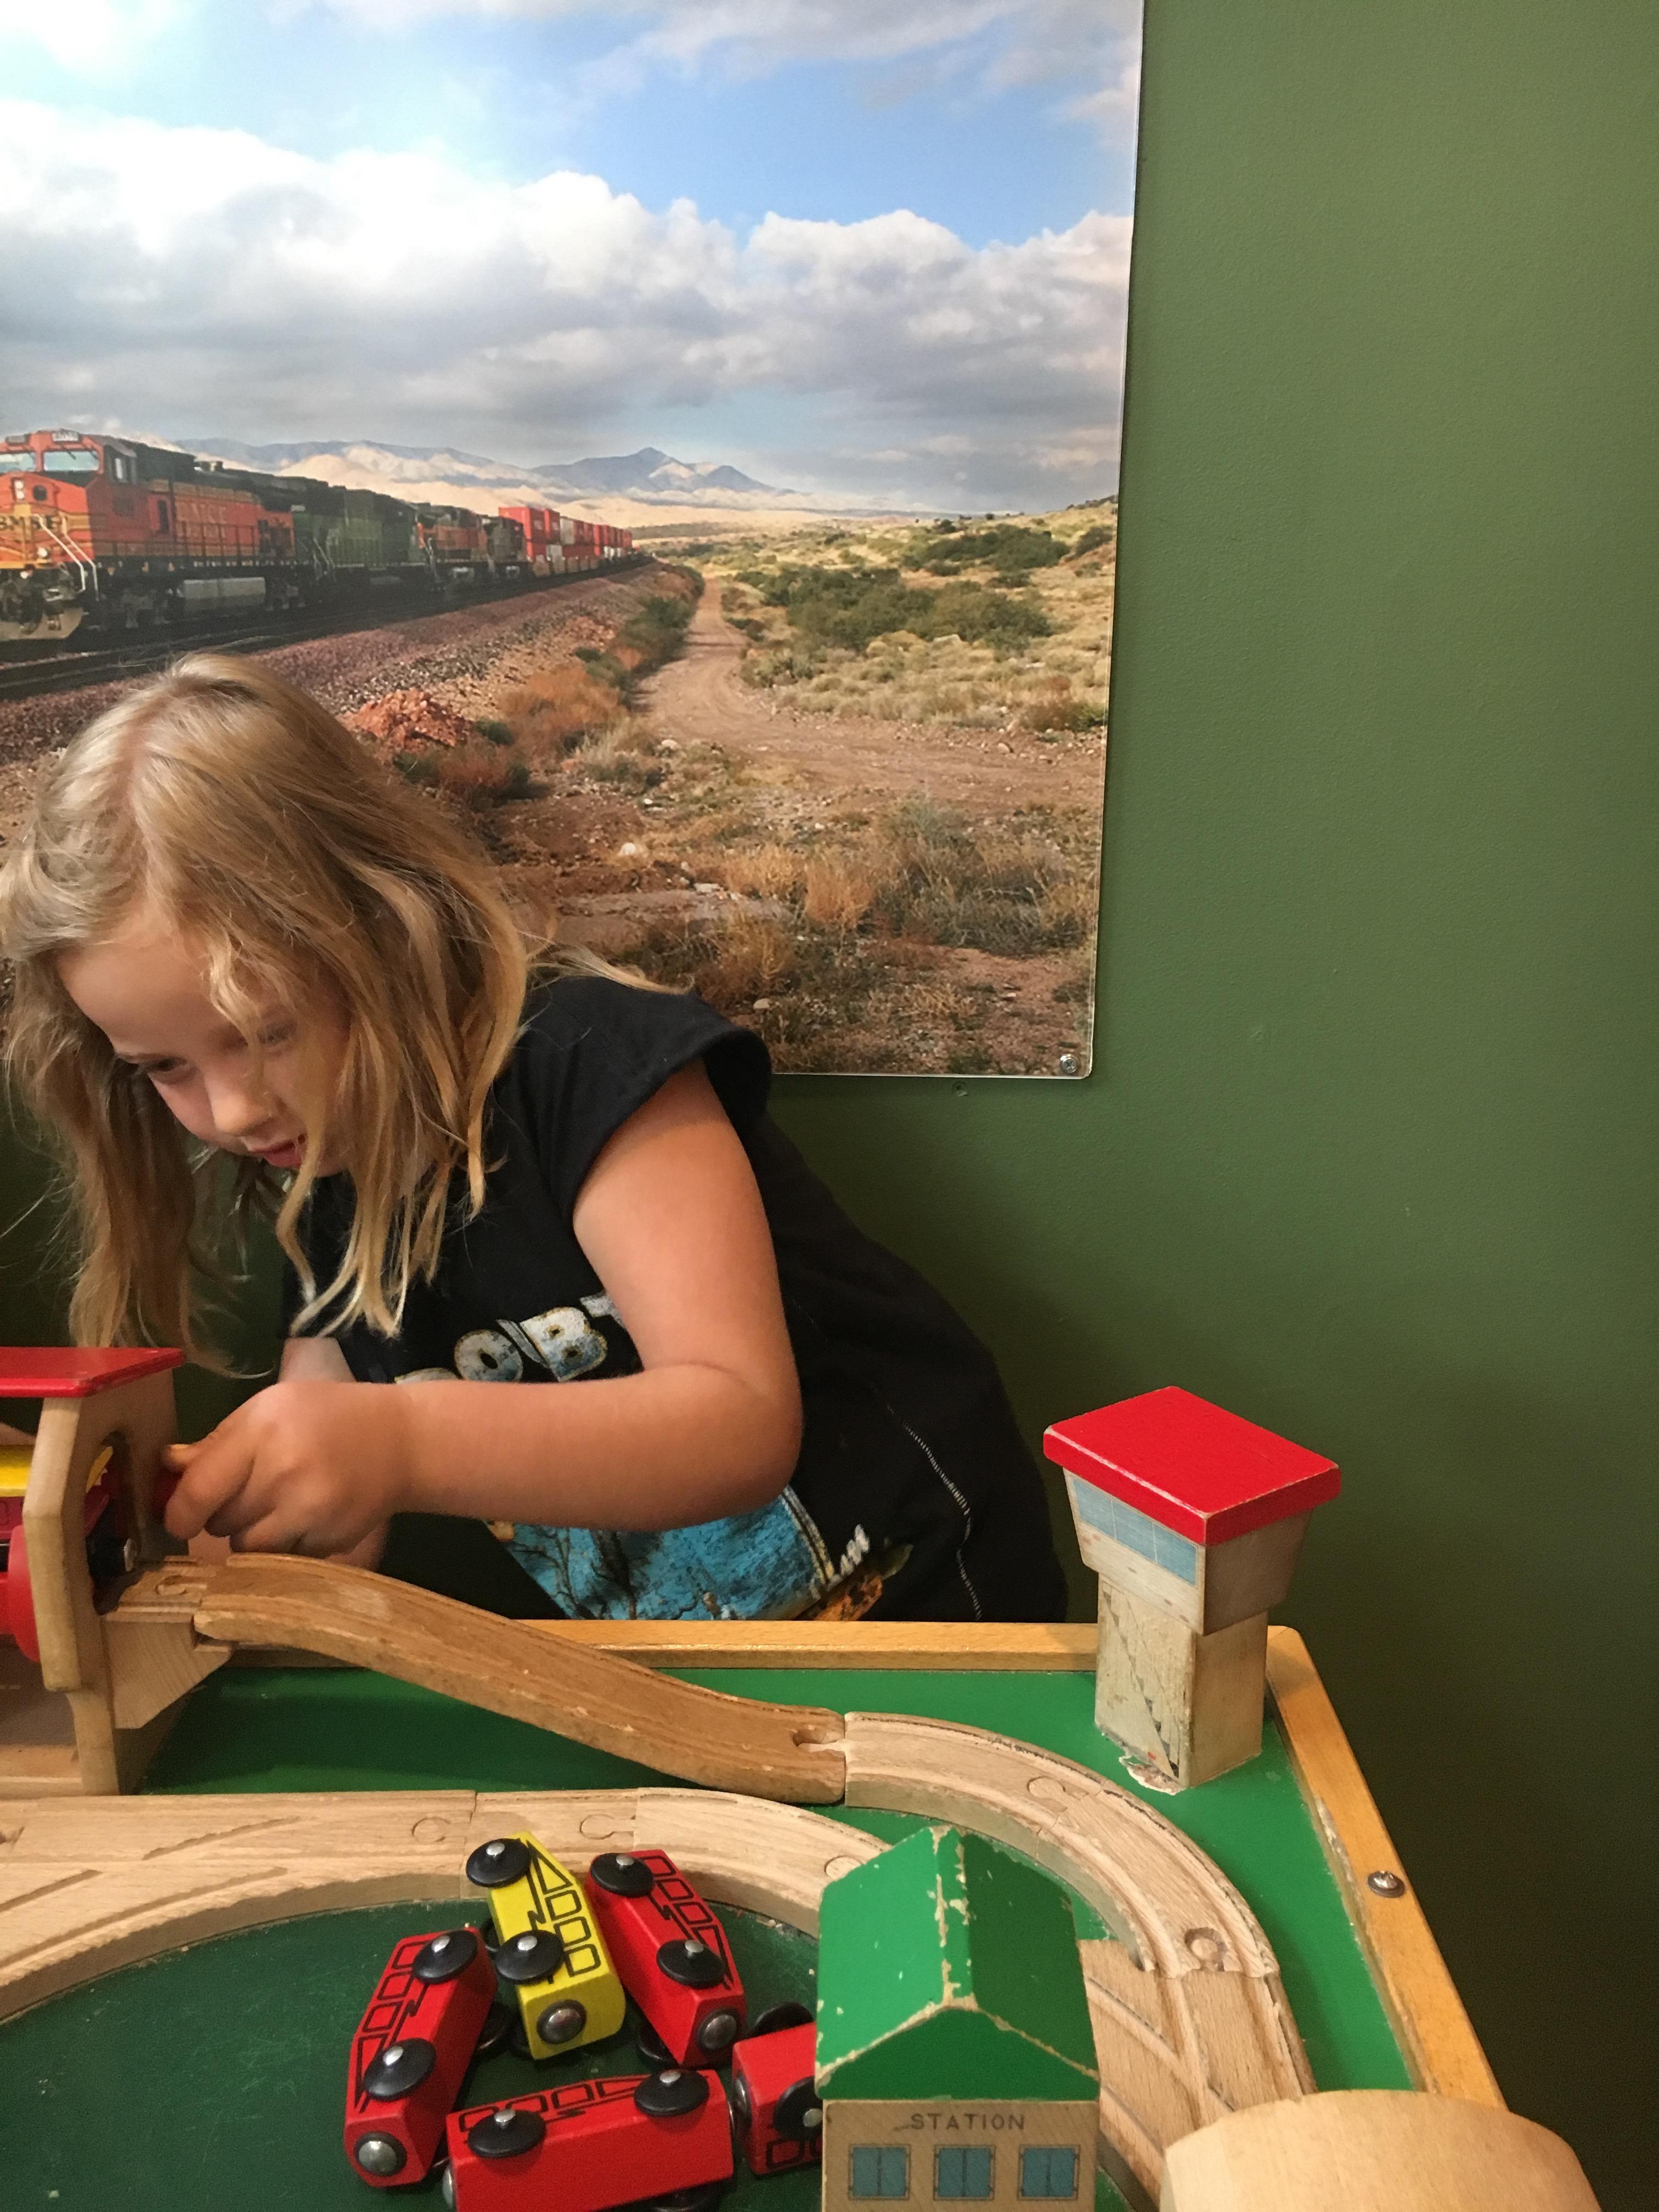 explora trains